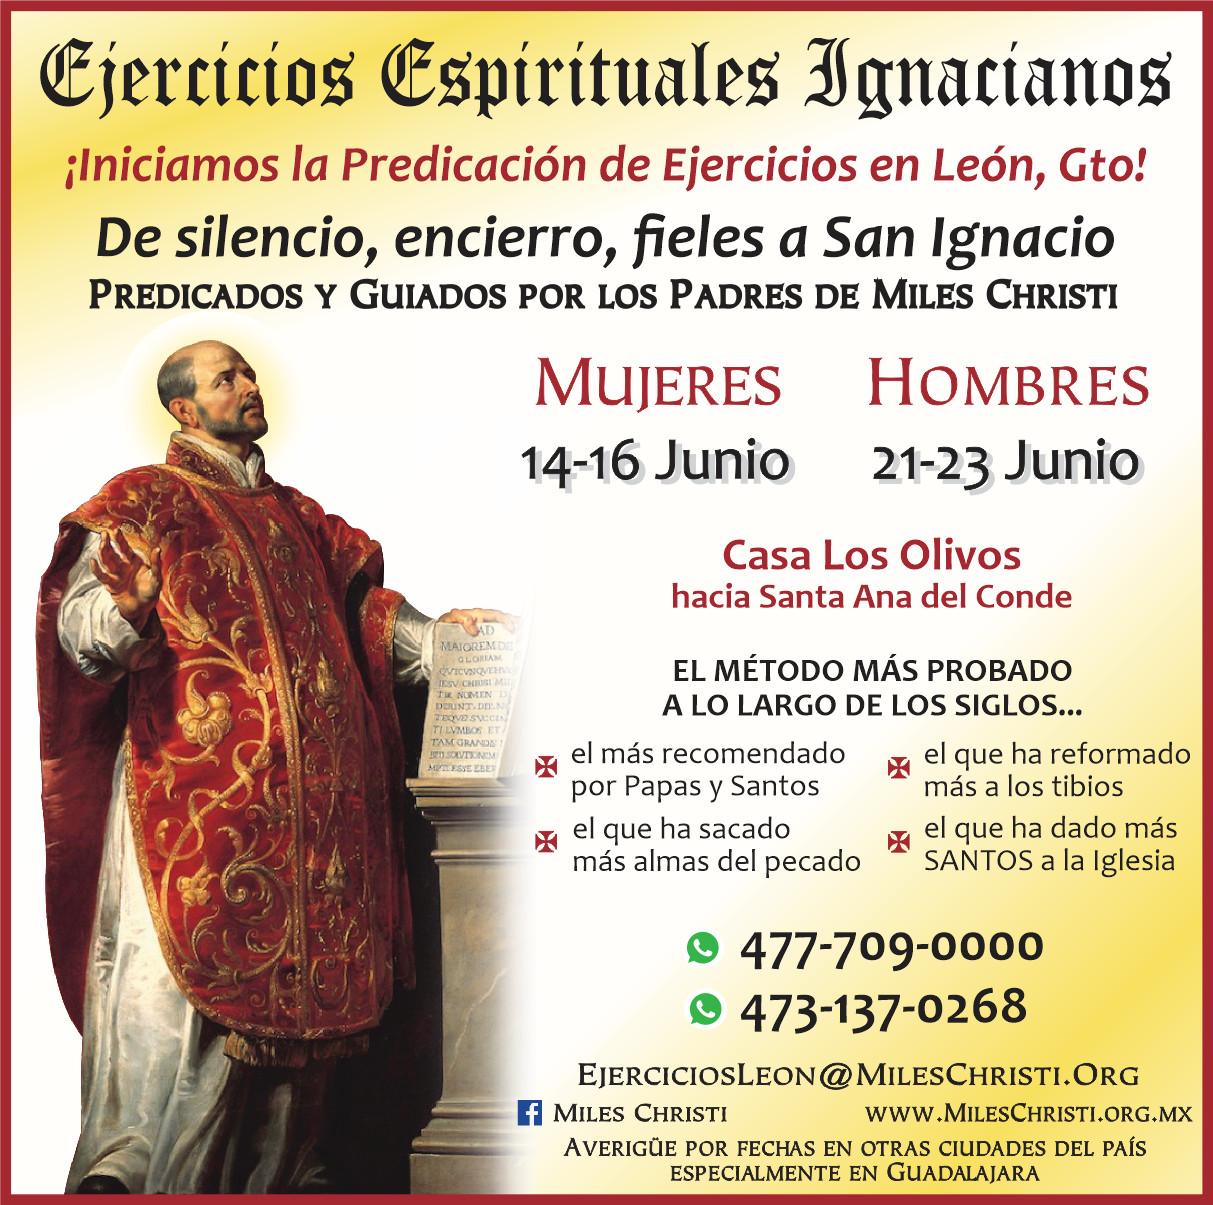 Ejercicios Espirituales Ignacianos en Leon Guanajuato 2019 Miles Christi